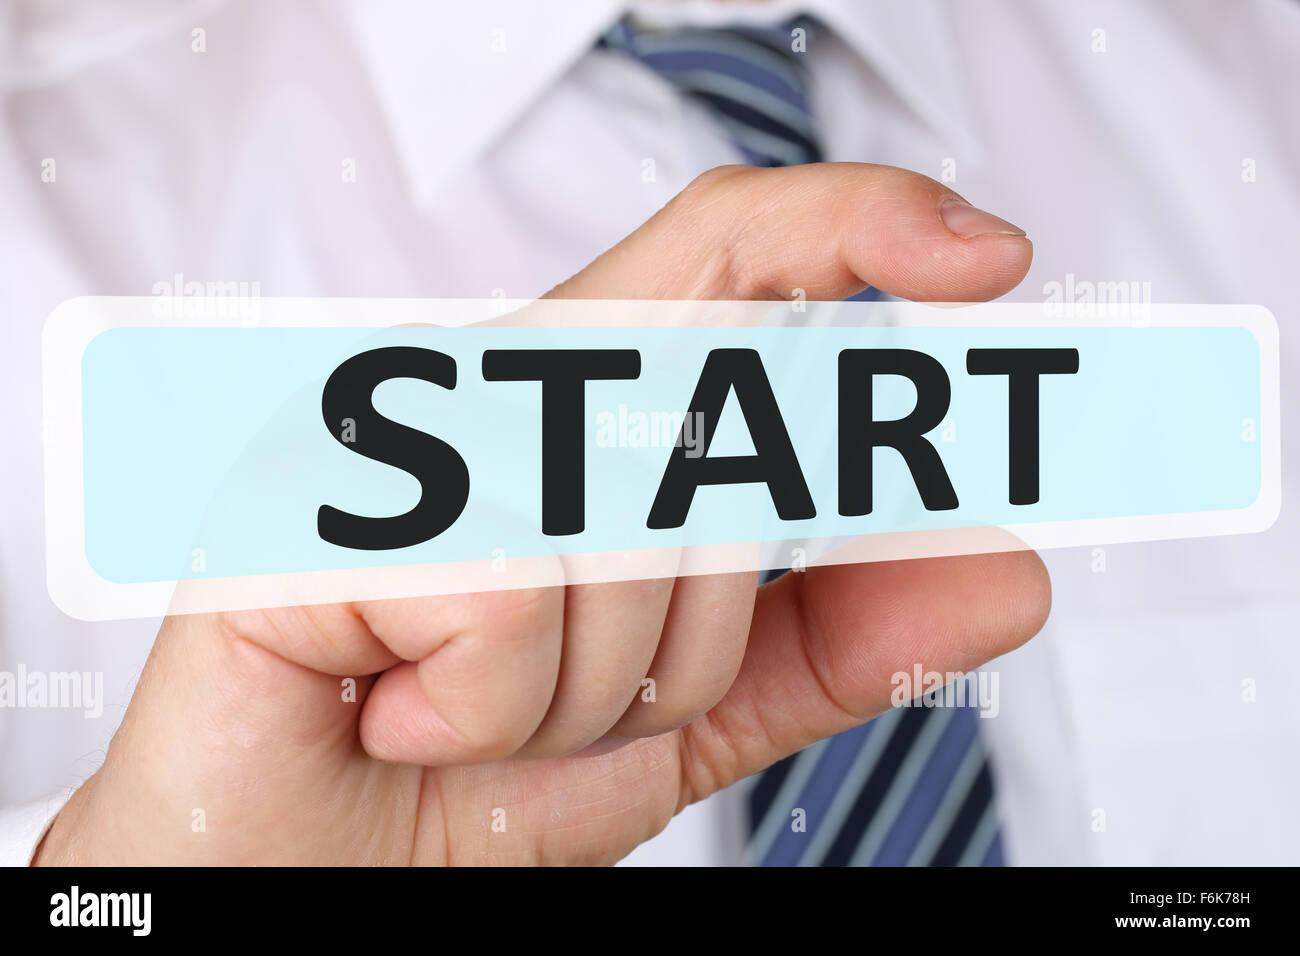 Imprenditore il concetto di business con inizio di successo a partire dall'inizio iniziare Immagini Stock